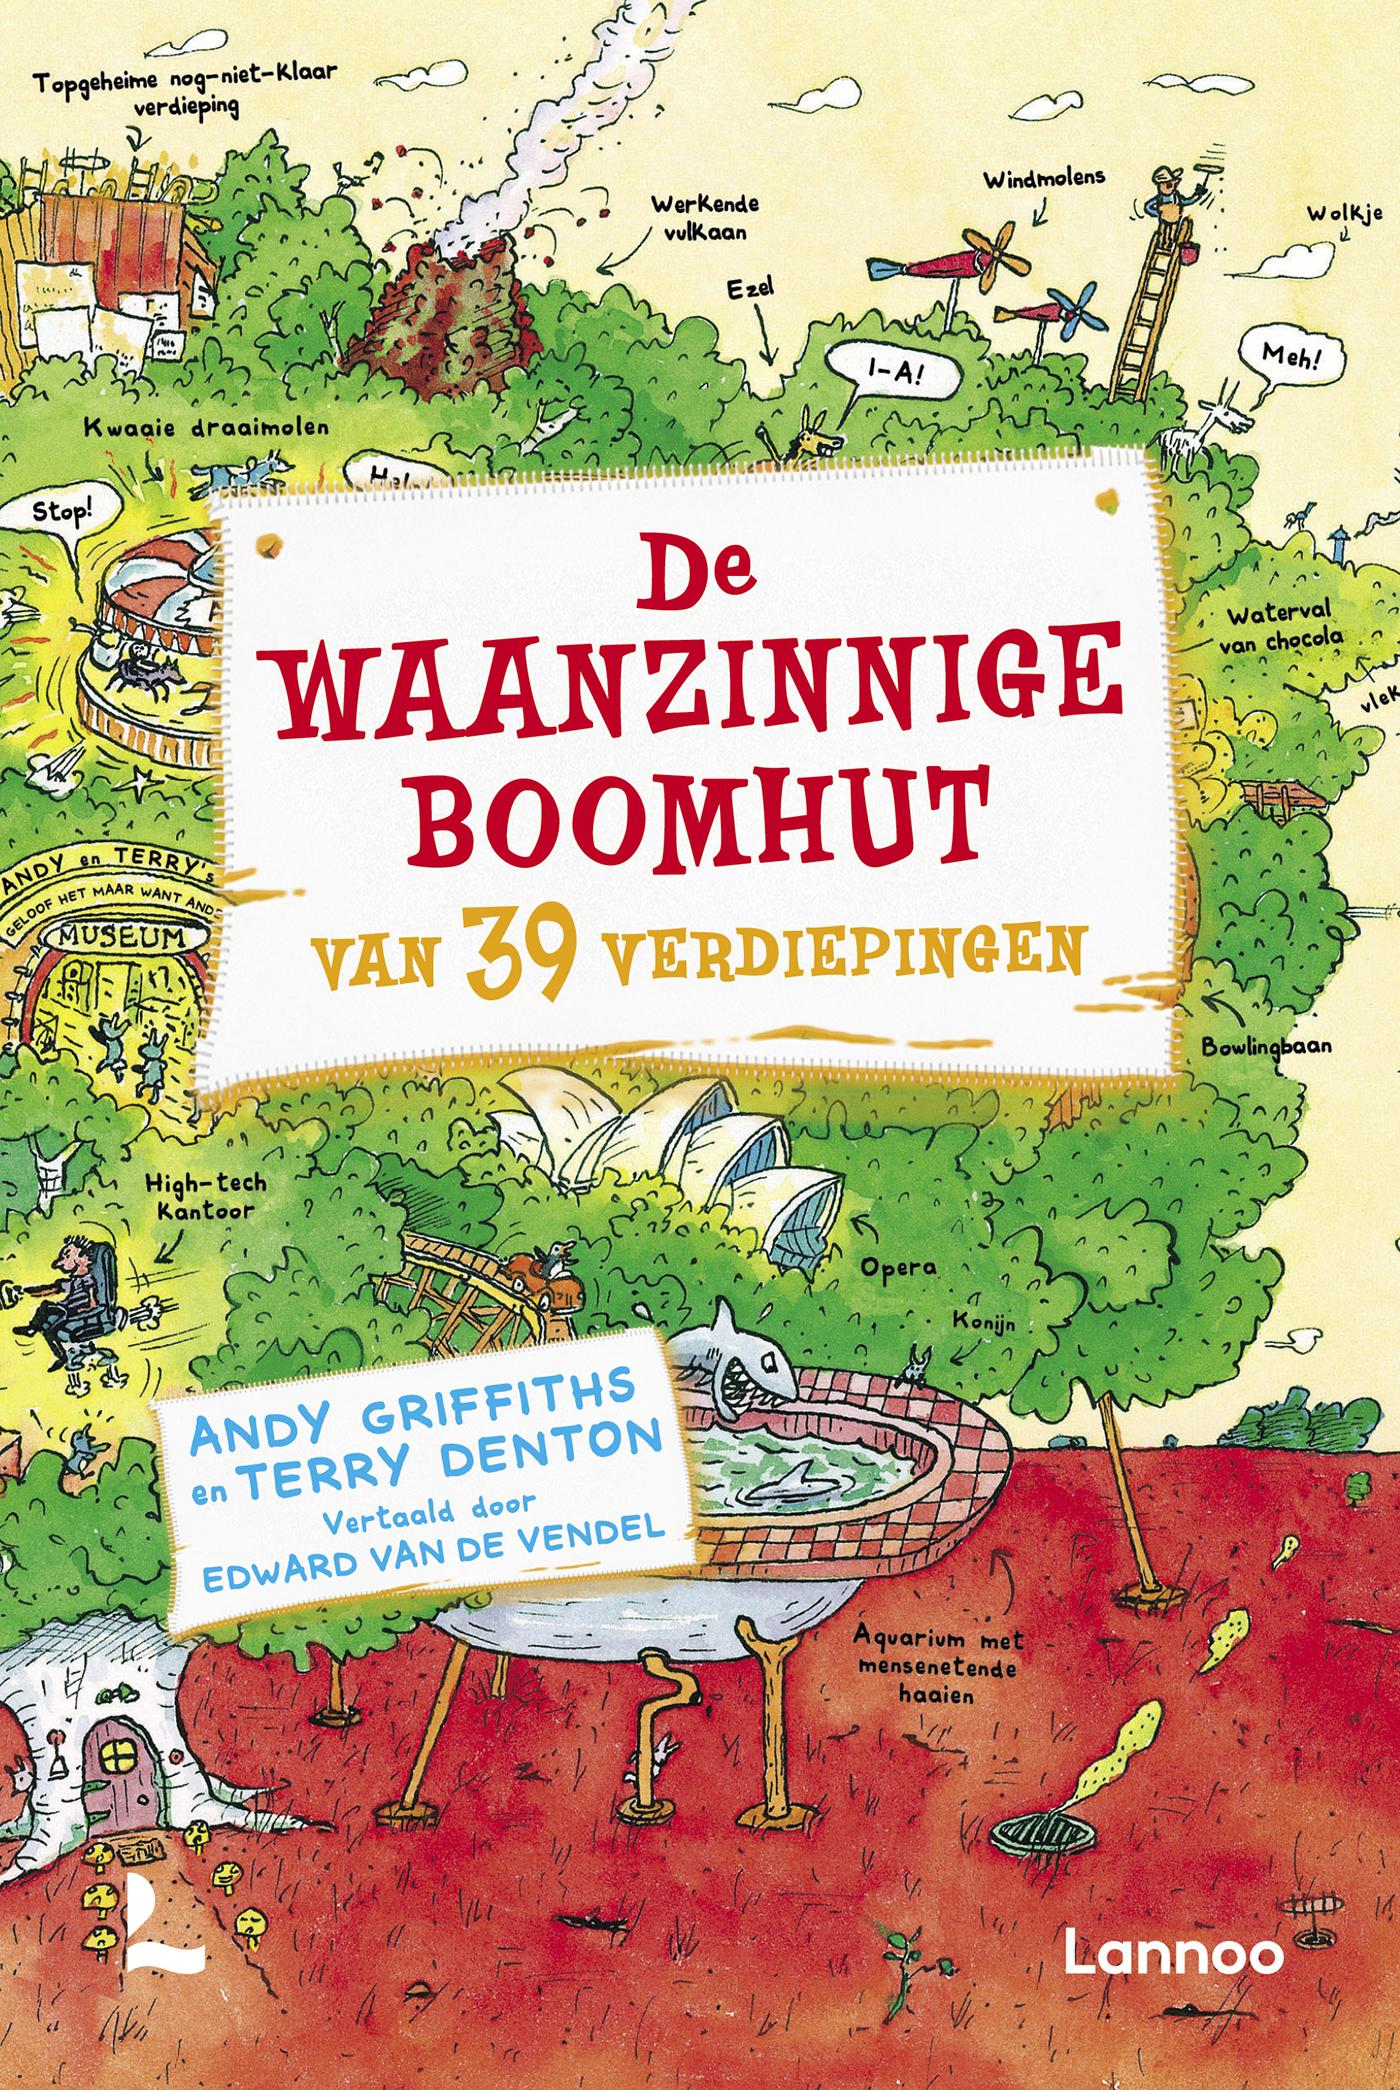 De Waanzinnige Boomhut Van 39 Verdiepingen Uitgeverij Lannoo